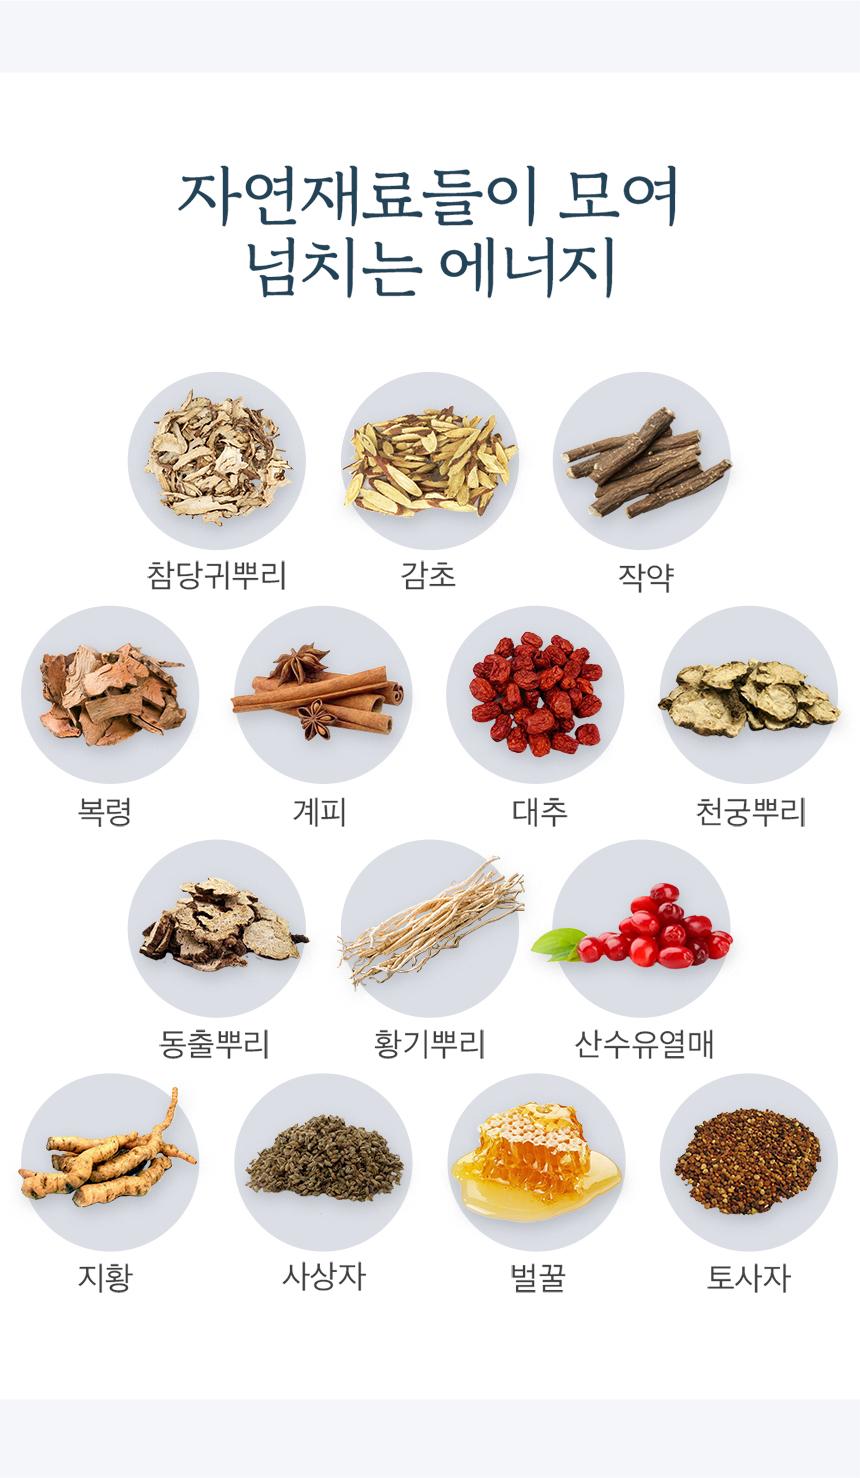 근본식품-활-카카오-선물하기-상세페이지_수정_08_shop1_105823.jpg